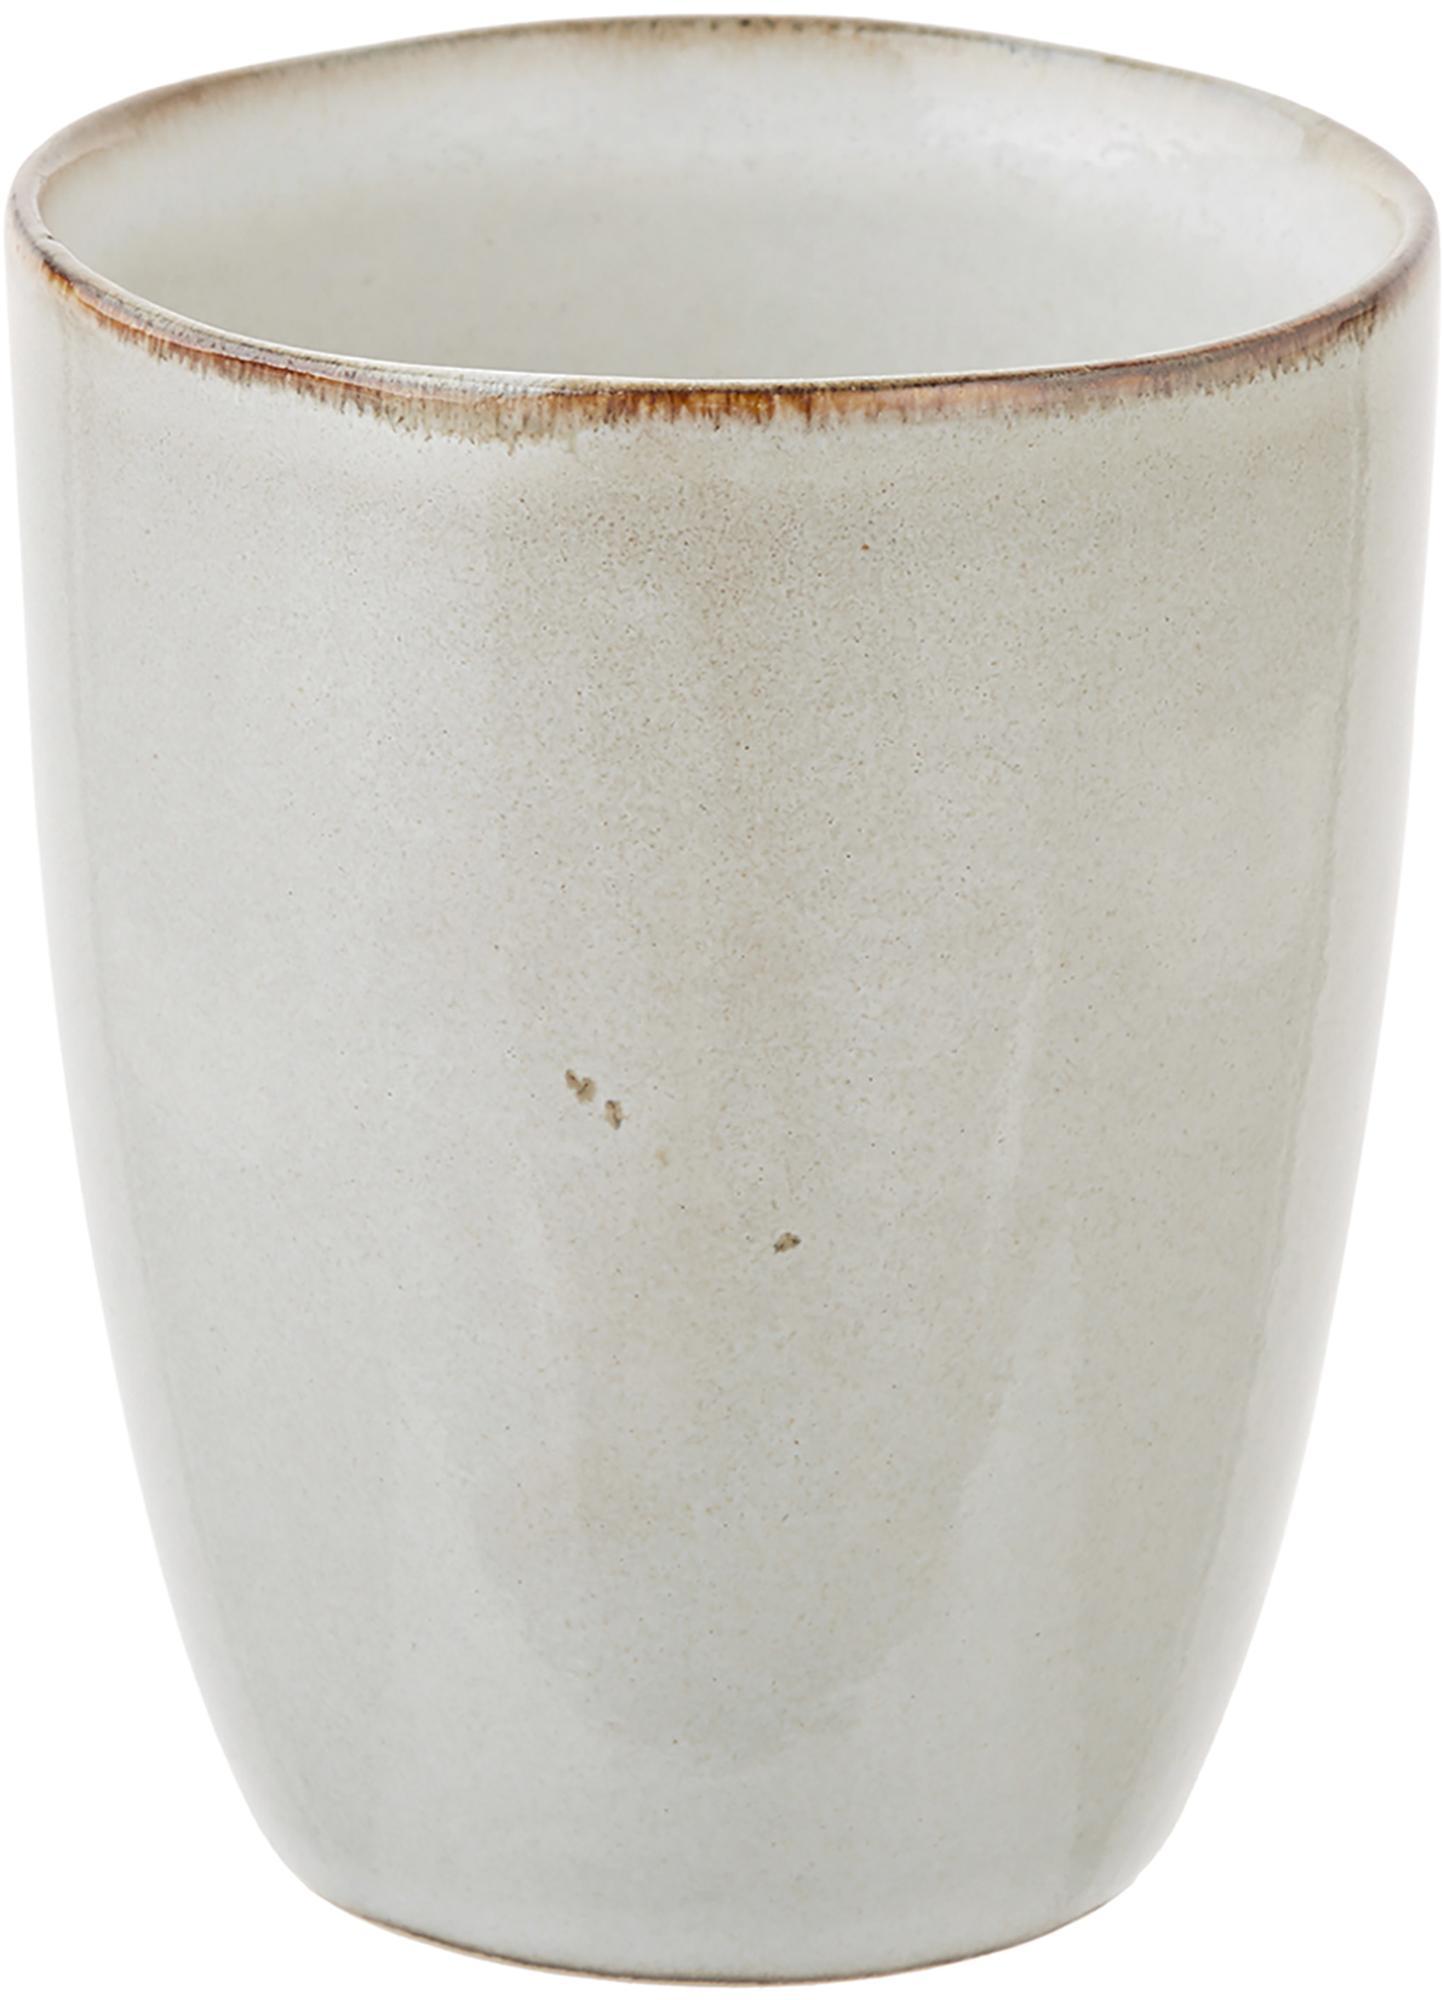 Tazas artesanales Thalia, 2uds., Gres, Beige, Ø 9 x Al 11 cm